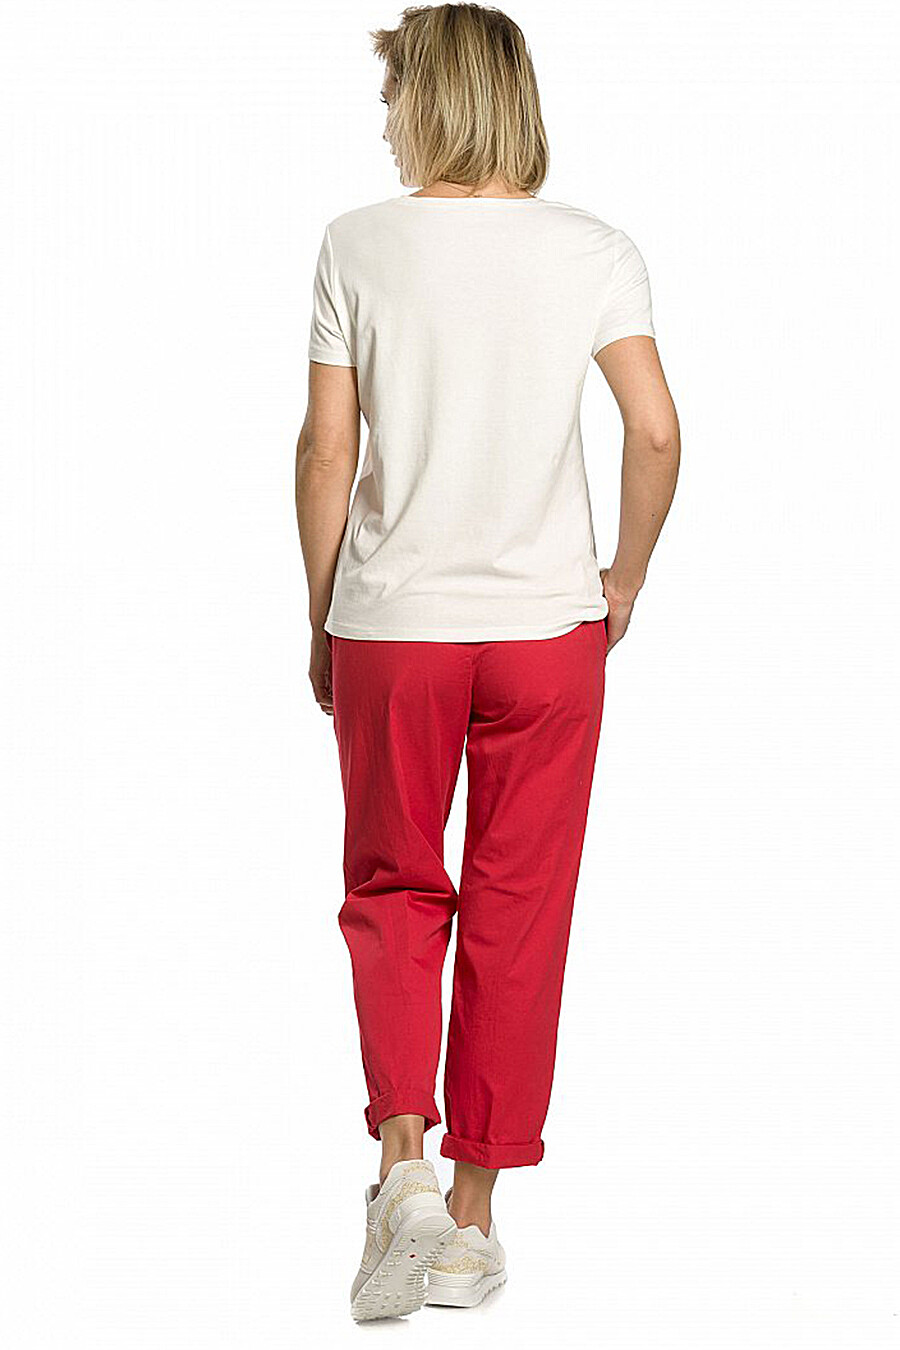 Брюки для женщин PELICAN 131315 купить оптом от производителя. Совместная покупка женской одежды в OptMoyo